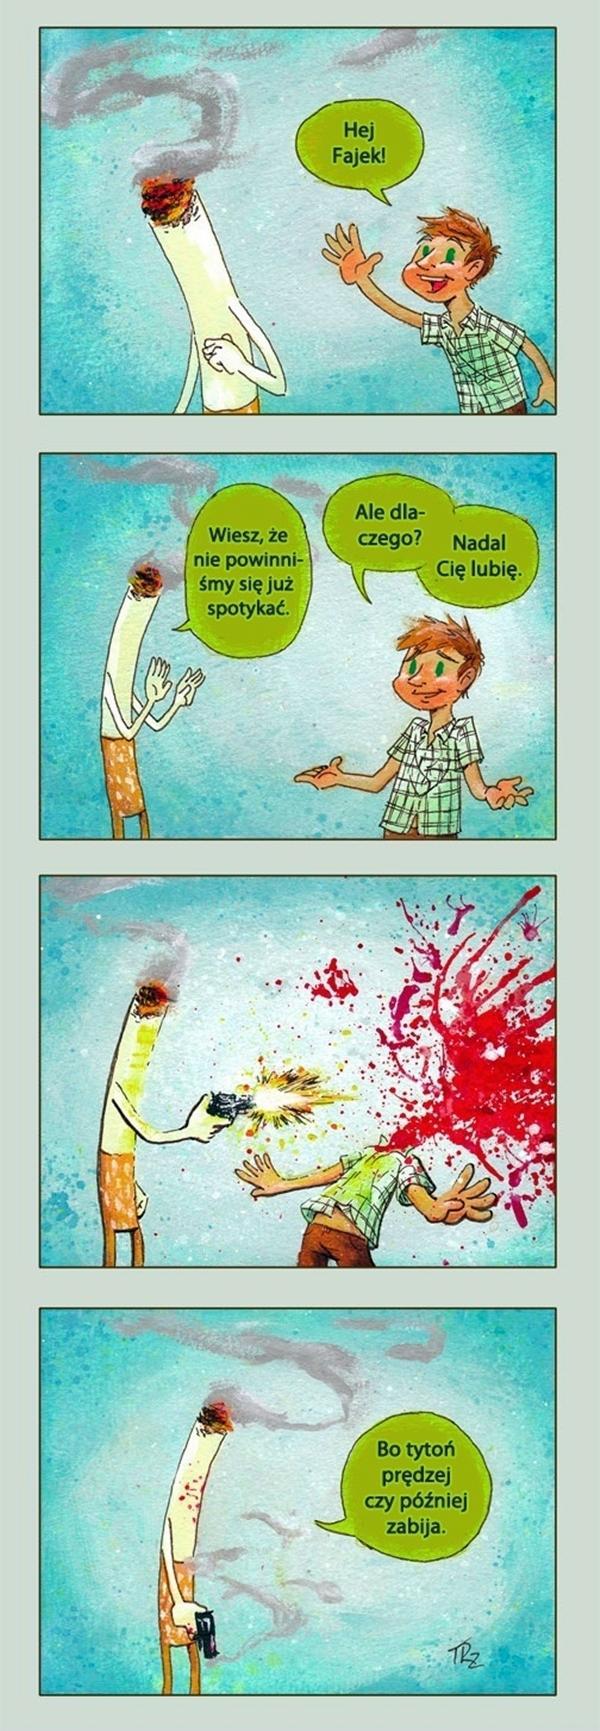 Tytoń prędzej, czy później zabija!